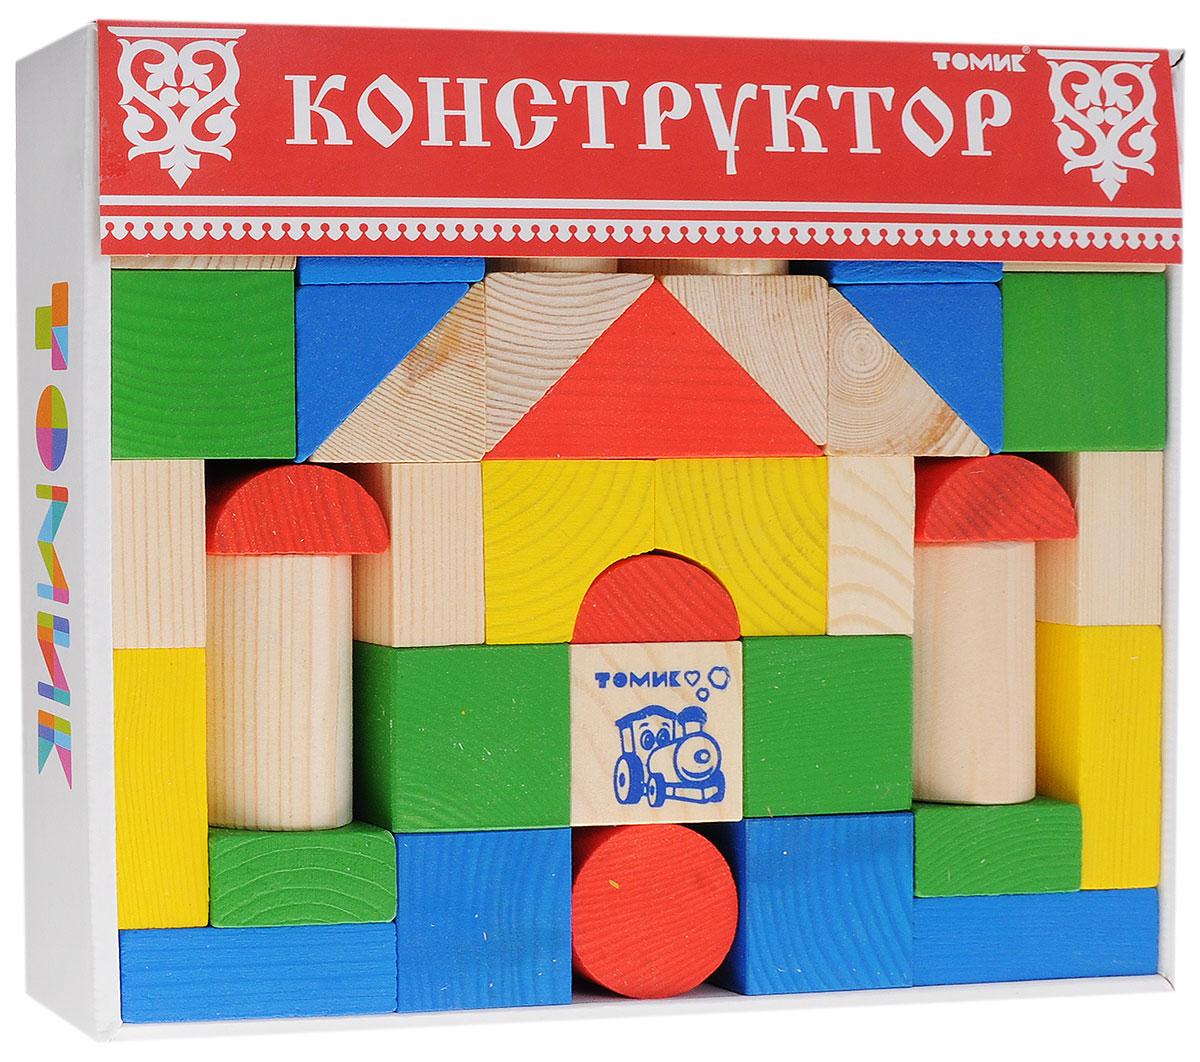 Томик Конструктор Цветной 6678-436678-43Конструктор Томик Цветной состоит из 43 цветных и неокрашенных деталей. Все элементы изготовлены из экологически чистого дерева, краски не токсичные и безопасны для ребенка. С таким конструктором ребенок с удовольствием построит башни, красивые арки, мостики, а если дополнить набор другими конструкторами, то можно сотворить великолепный замок или крепость. Такая игра развивает пространственное мышление, фантазию, умение использовать форму предмета, моторику, координацию, приучает ребенка к усидчивости.